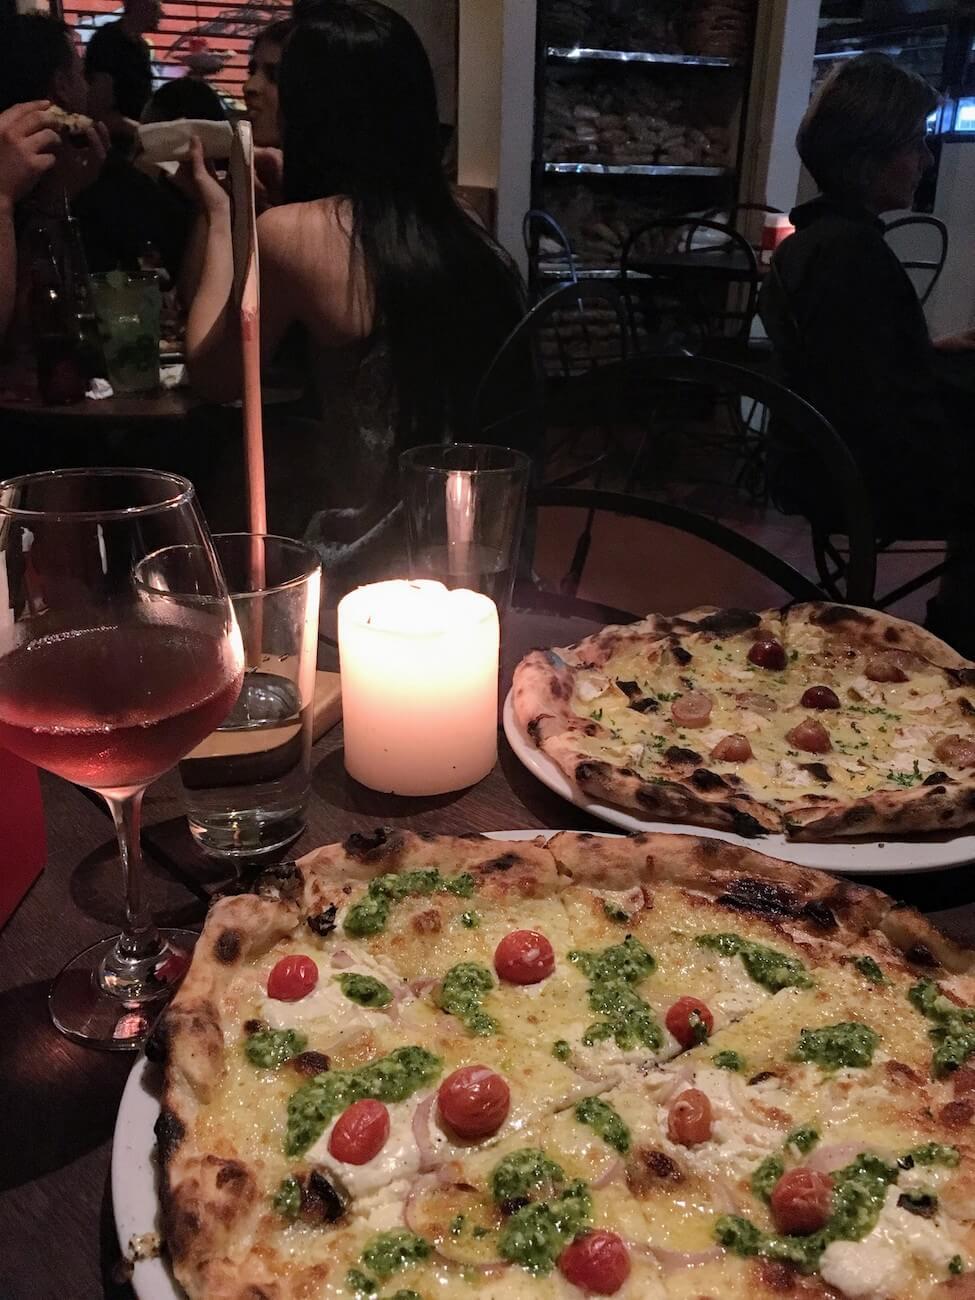 Close up of pizzas from Cafe Zorba in El Poblado, Medellin